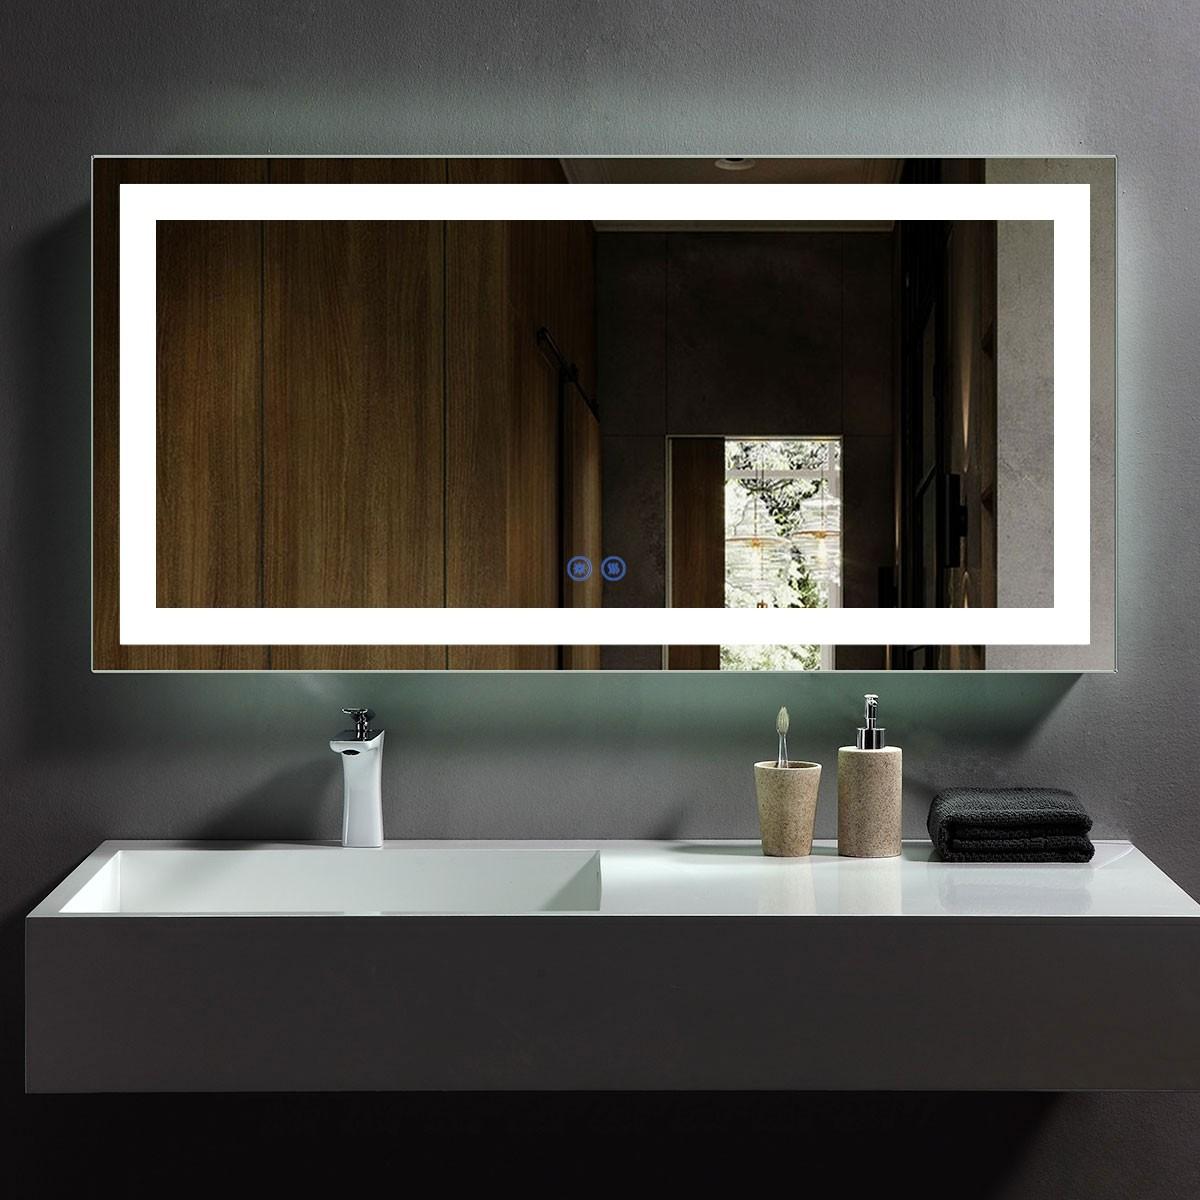 DECORAPORT 48 x 24 Po Miroir de Salle de Bain LED avec Bouton Tactile, Anti-Buée, Luminosité Réglable, Montage Vertical & Horizontal (D209-4824)